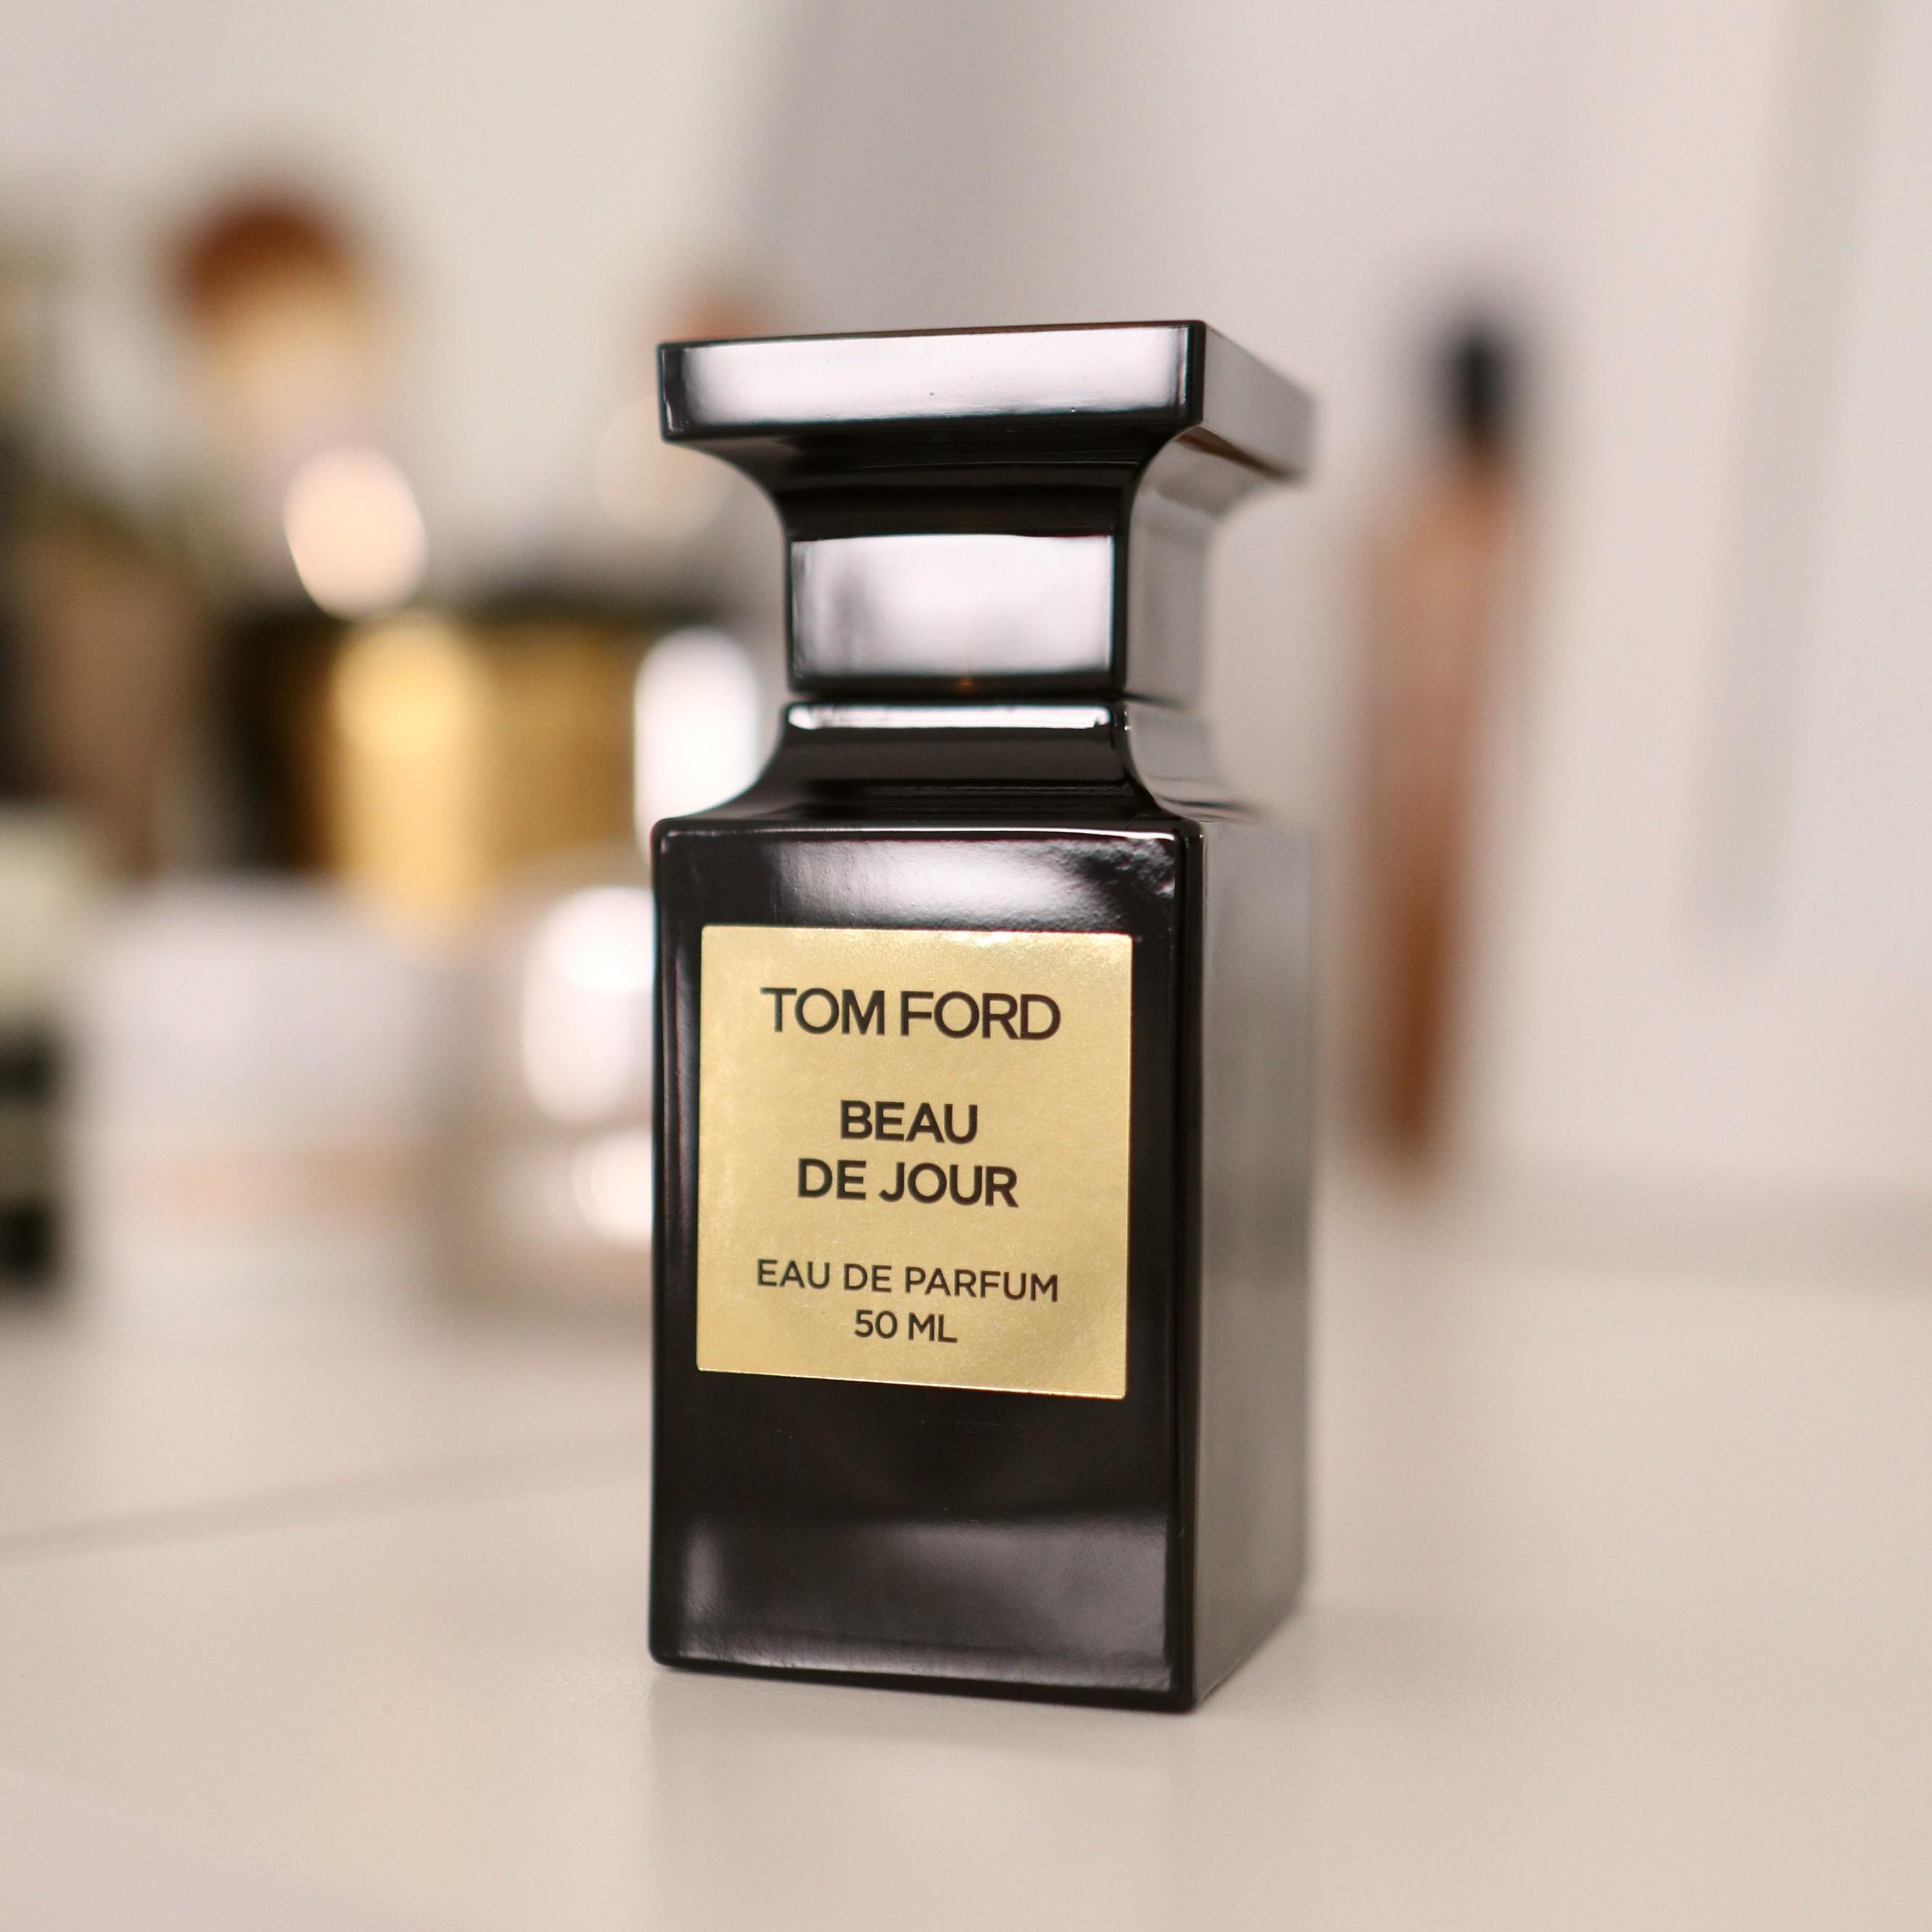 Tom Ford, Beau de Jour [VIDEO]